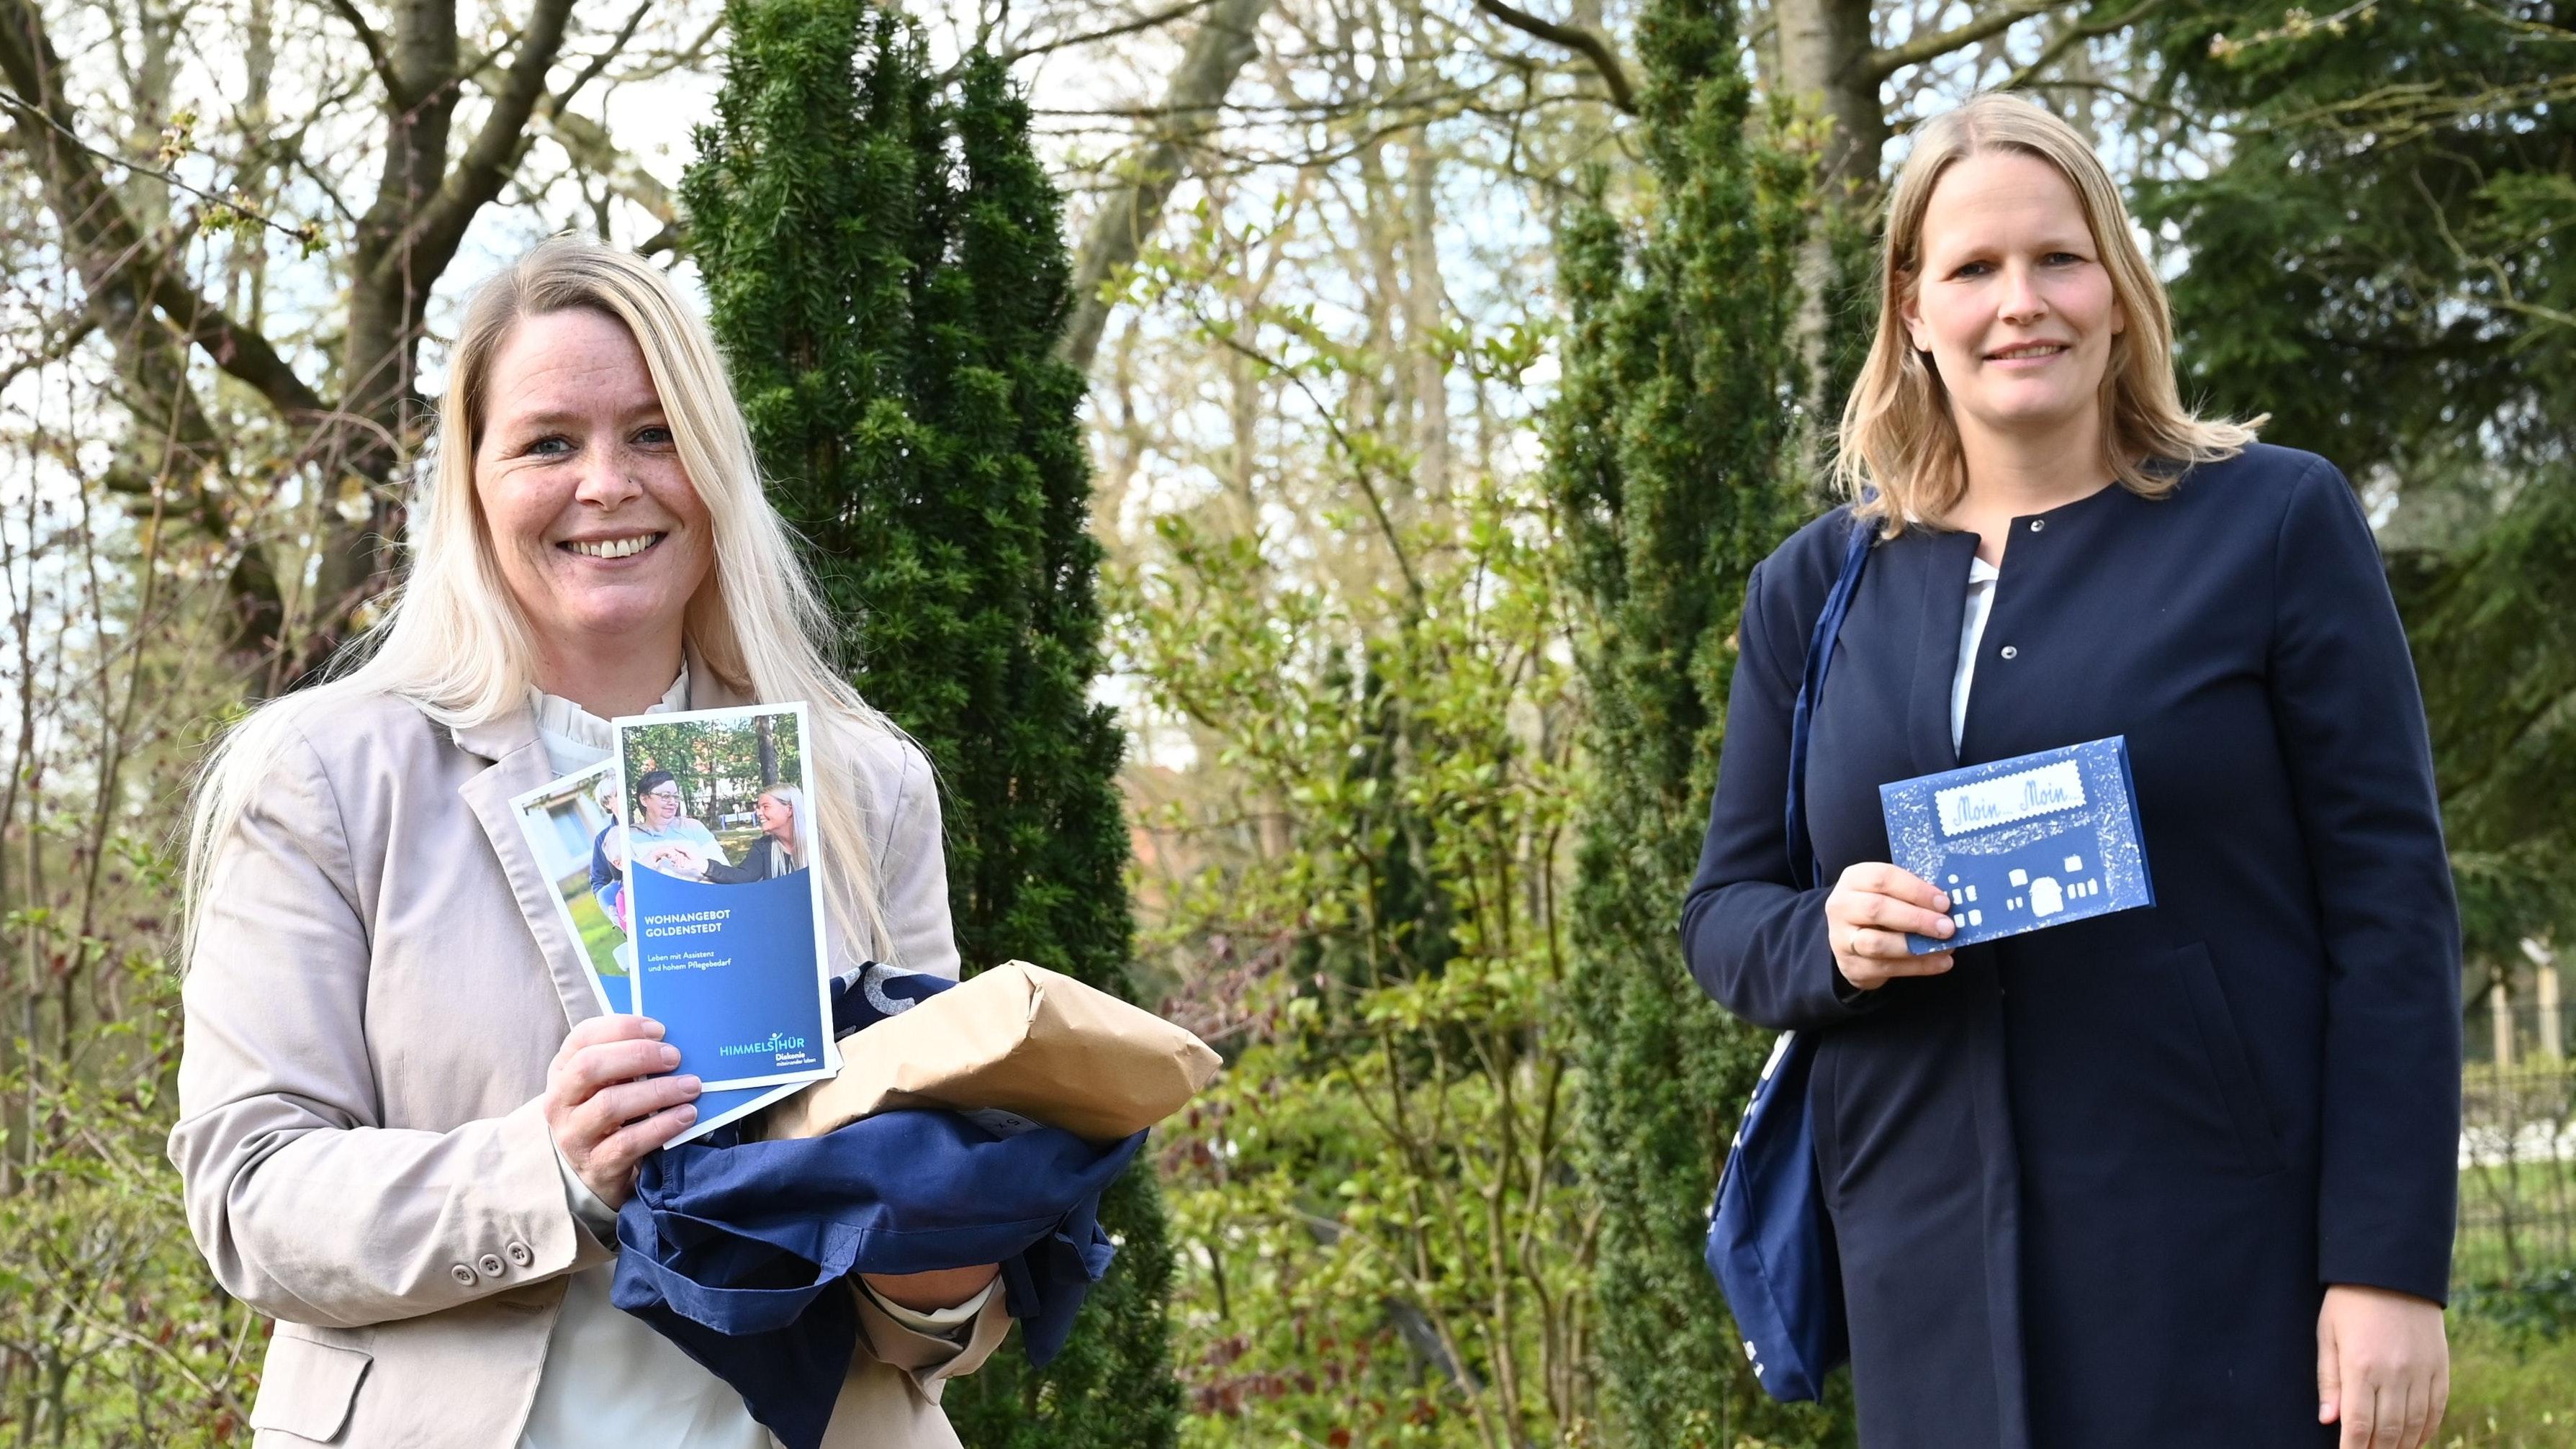 Mit Flyern und Grußkarte ausgerüstet haben sich die Wohnbereichsleiterin Inga Reinking (links) von der Diakonie Himmelsthür in Goldenstedt sowie Christin Henke (rechts) bei den neuen Nachbarn vorgestellt. Foto: Brinkhus